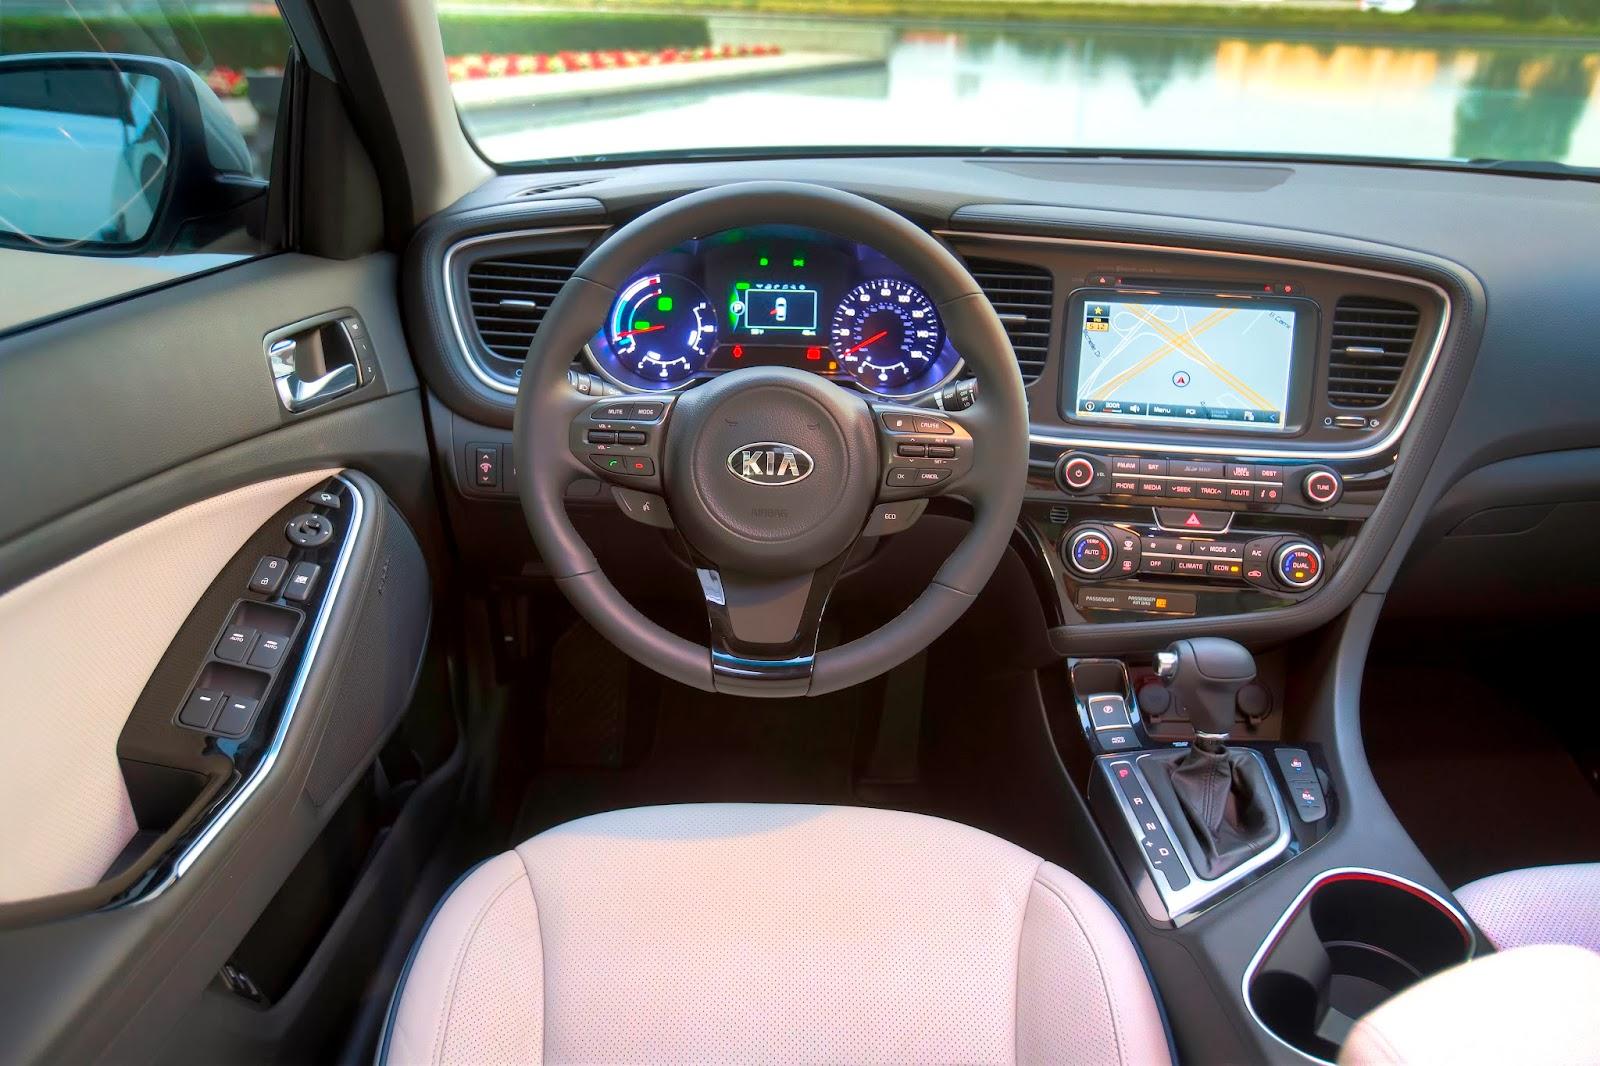 premier fully models ct htm ex branford in kia optima sedan loaded